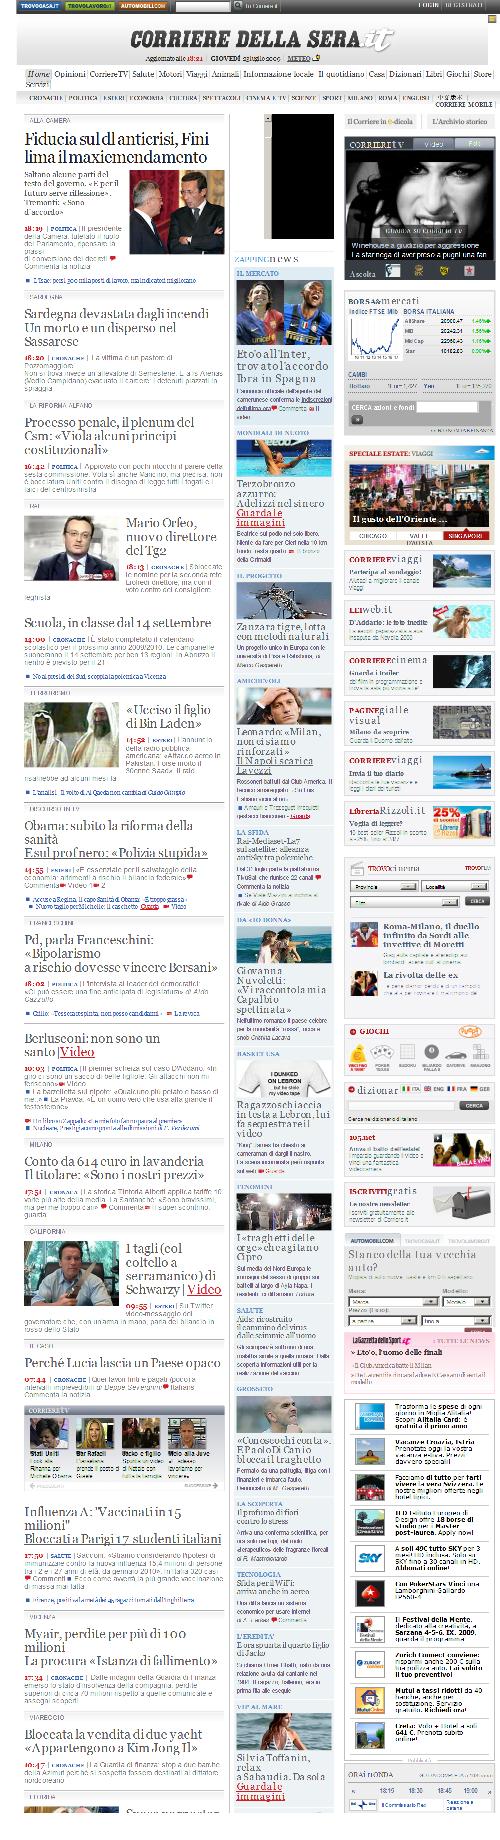 Corriere della Sera_23Jul2009